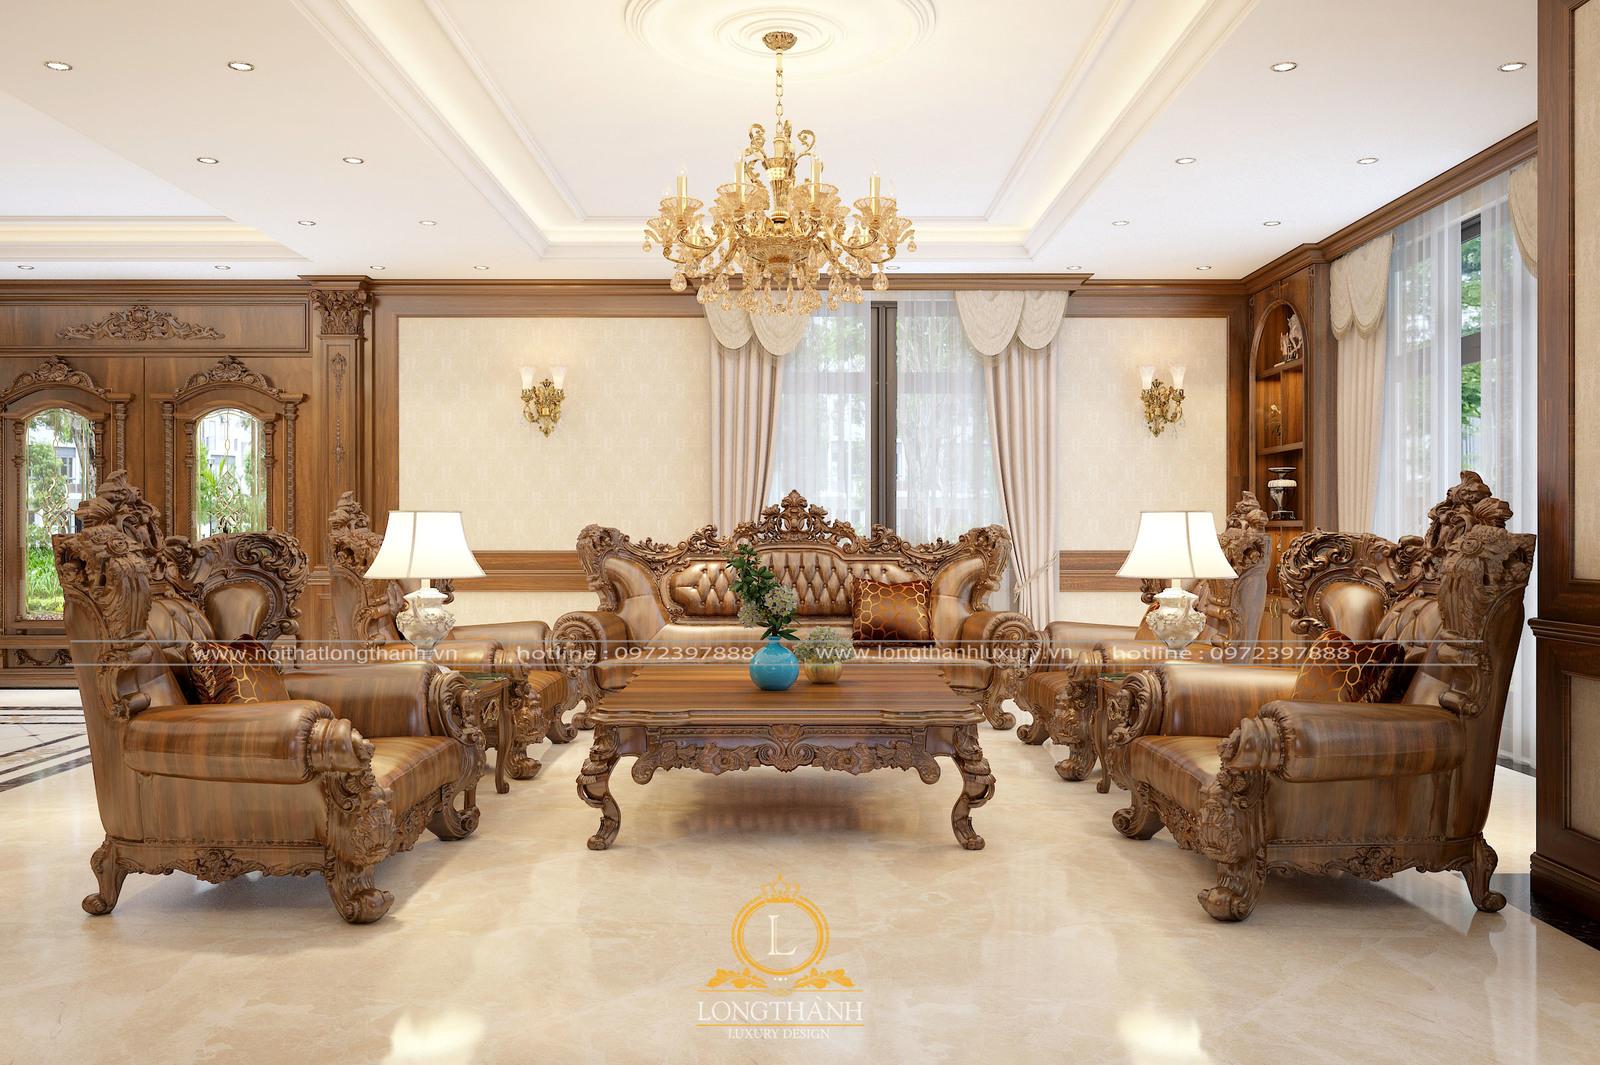 Thiết kế phòng khách tân cổ điển cho biệt thự là lựa chọn thích hợp nhất